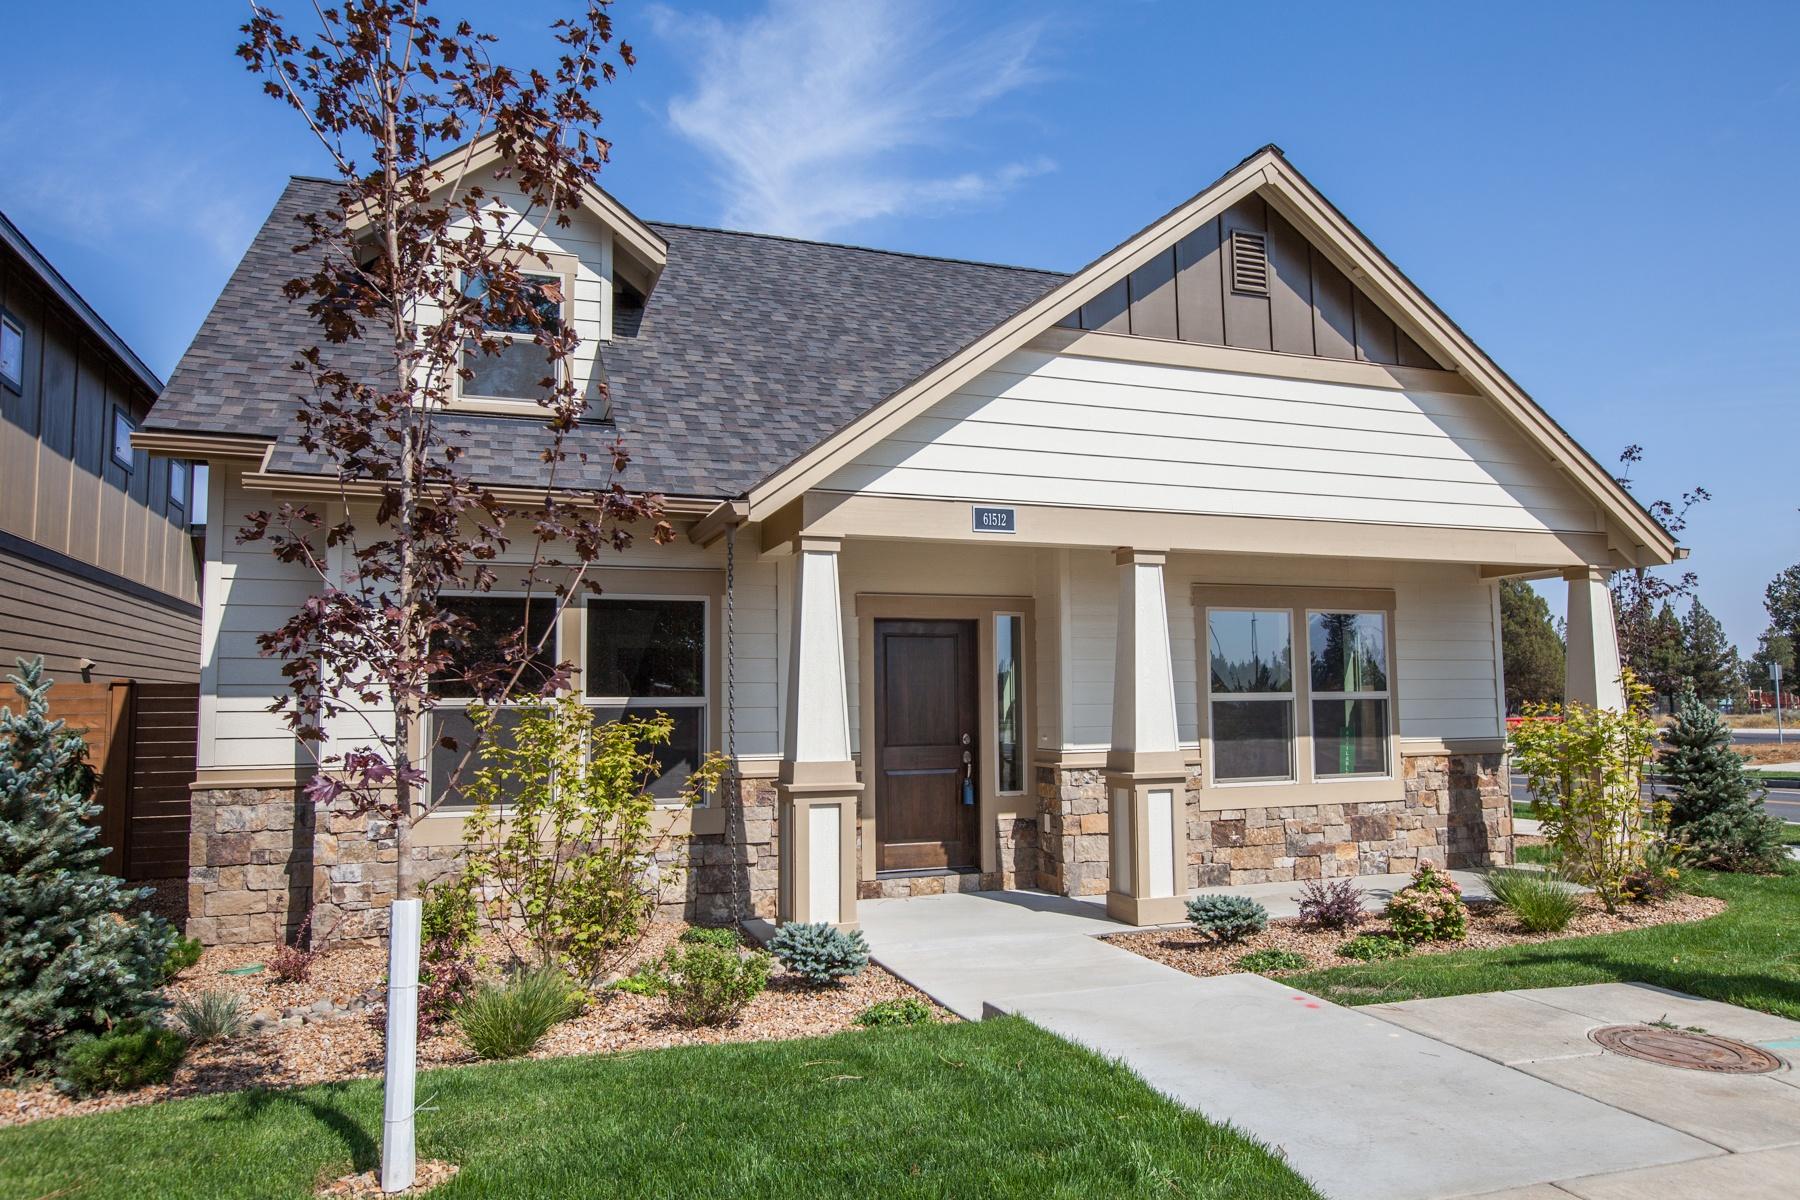 一戸建て のために 売買 アット 61512-Lot 1 Southeast Lorenzo Drive Bend, オレゴン, 97702 アメリカ合衆国